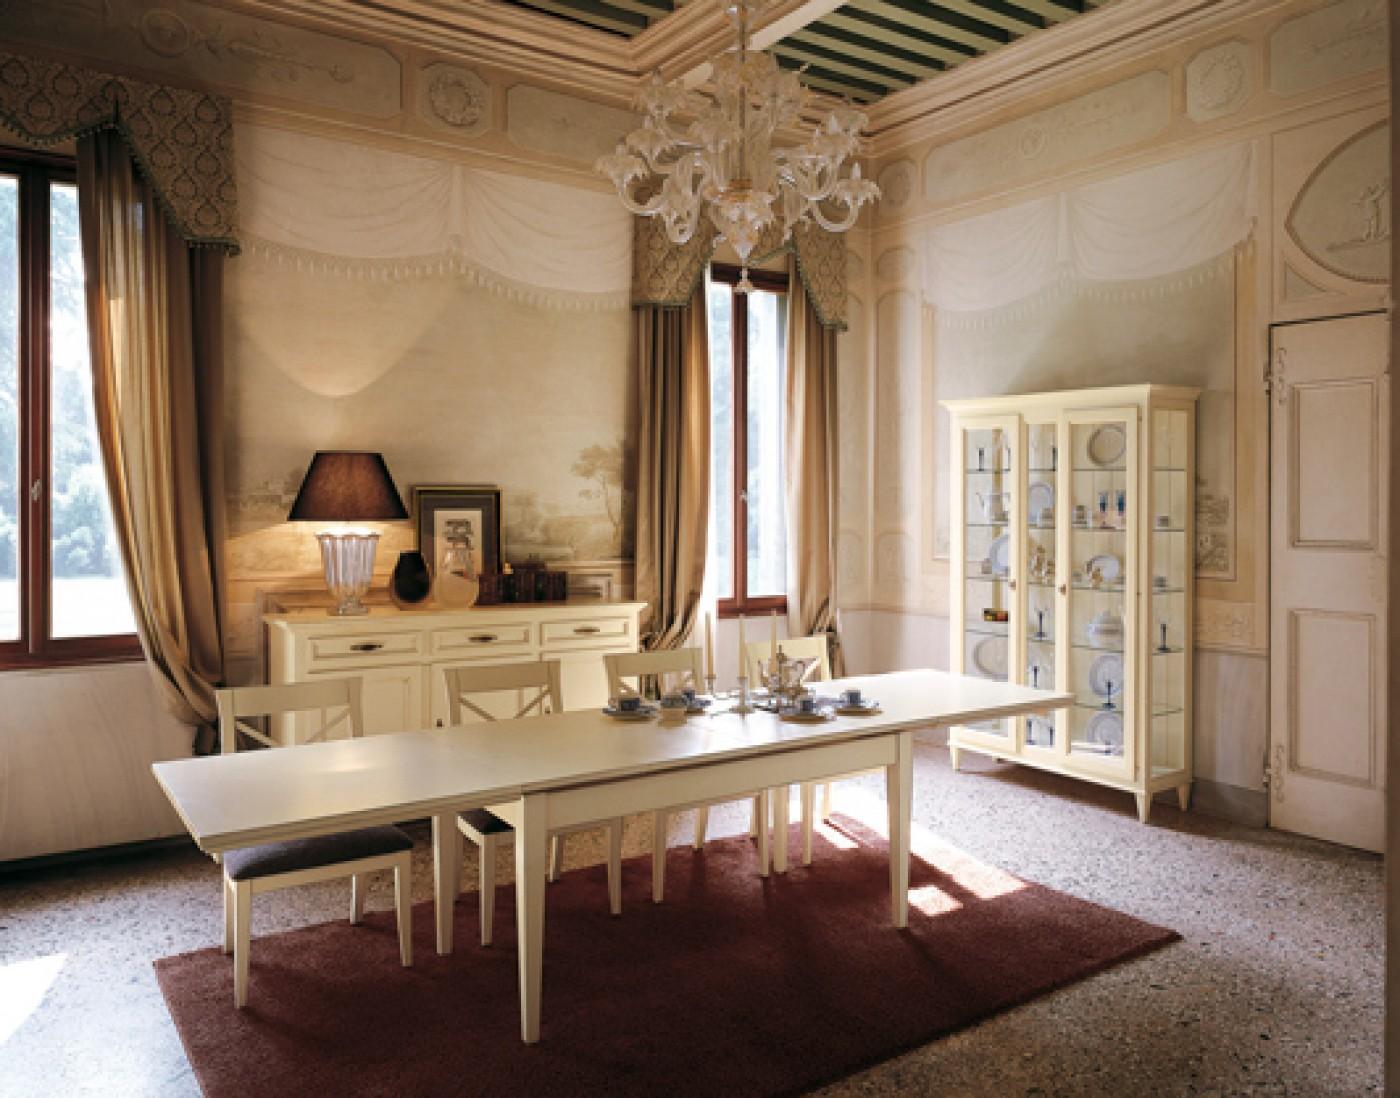 Tonin casa archives saracino arredamenti for Saracino arredamenti